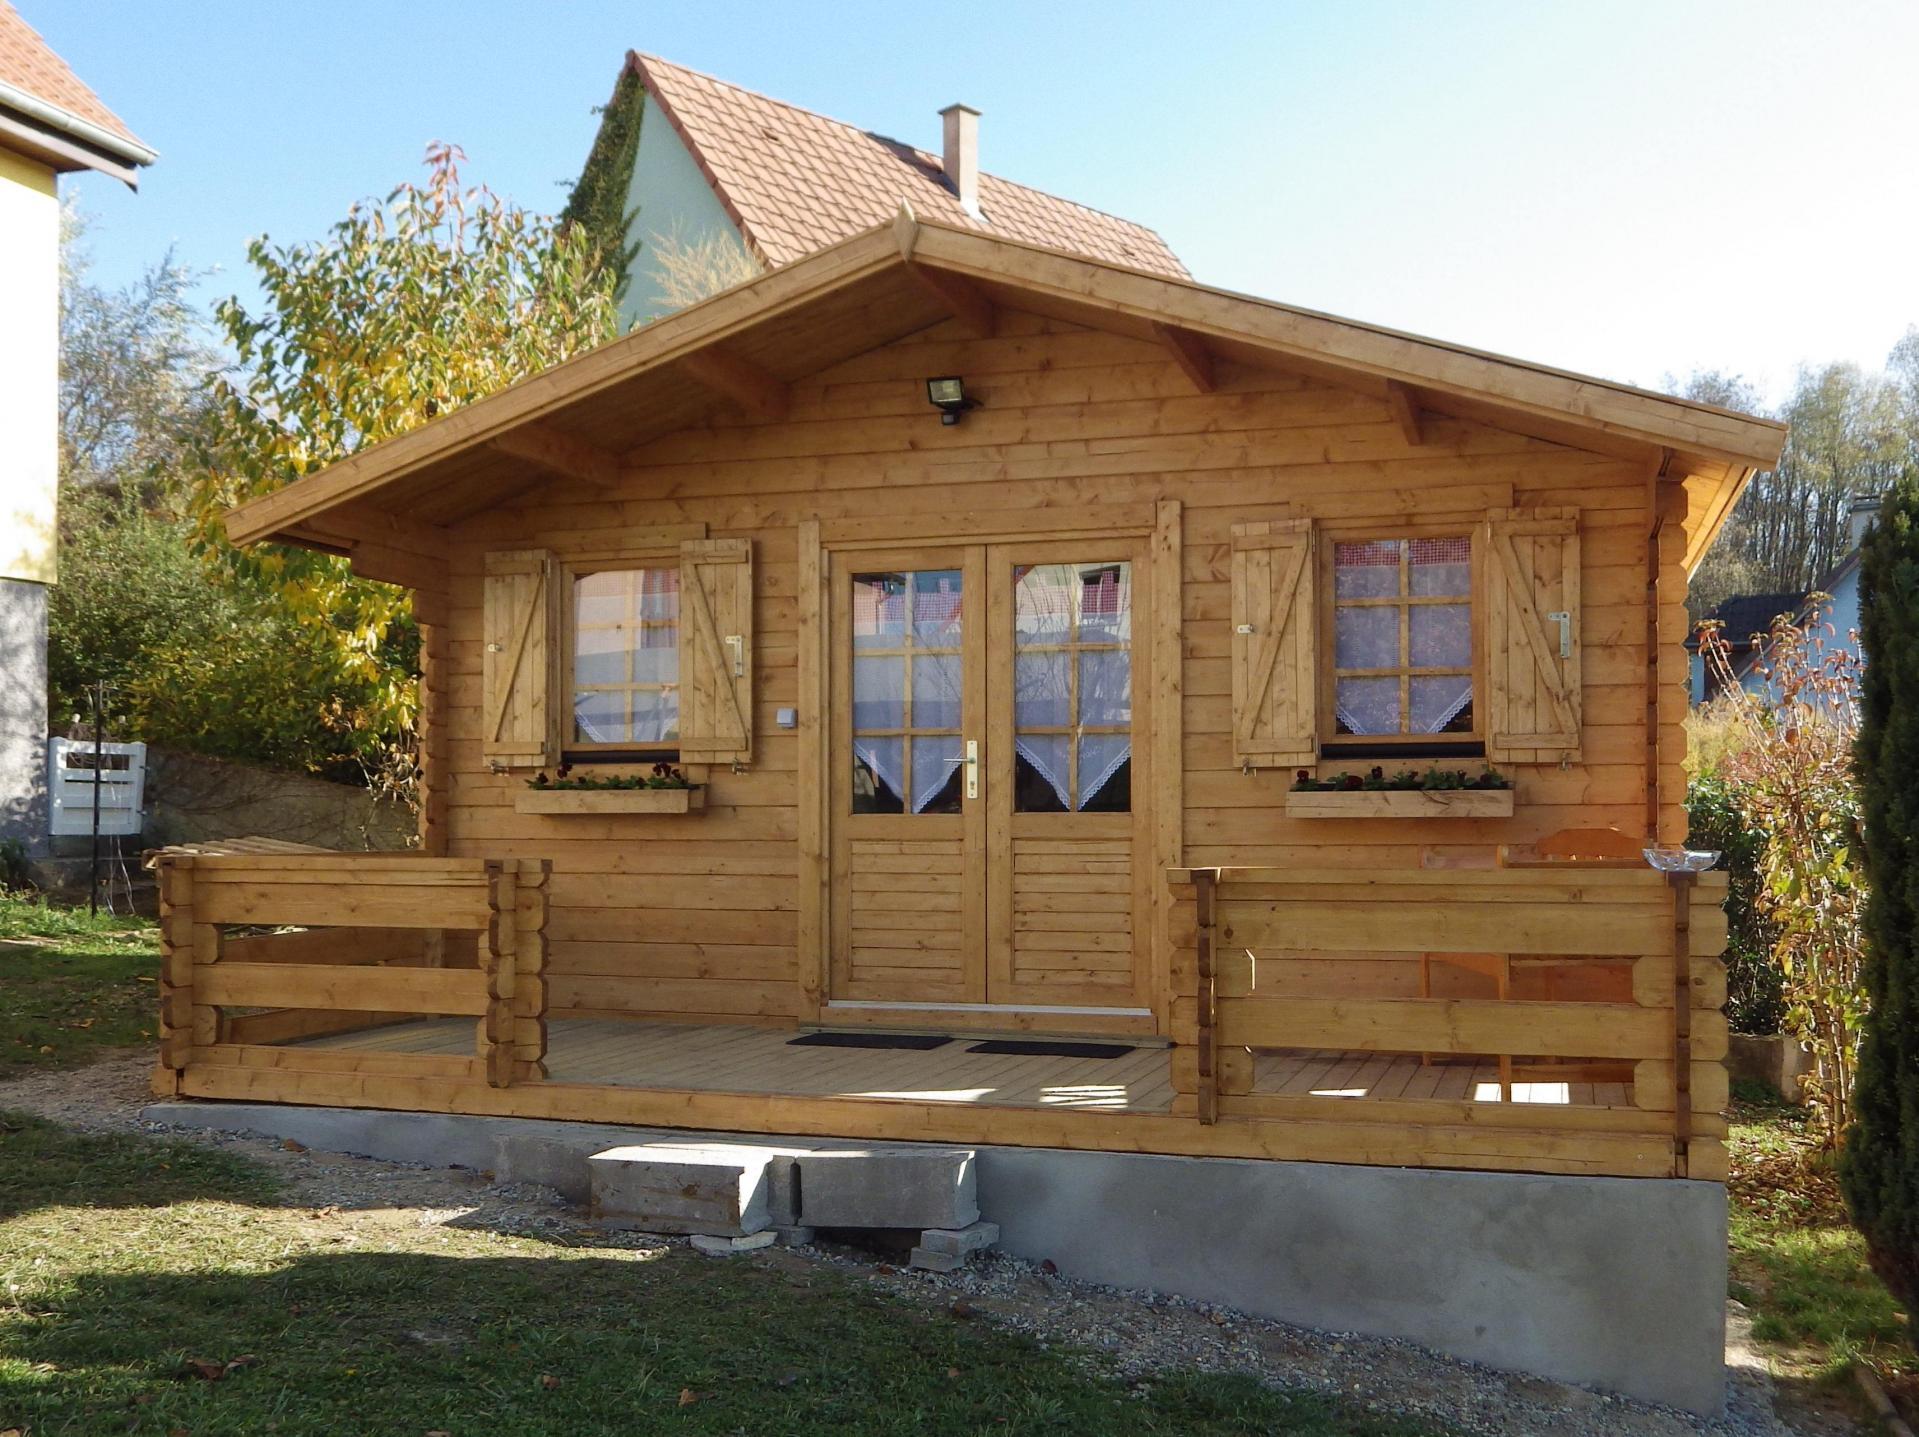 Stmb Construction, Maison De Jardin Et Chalet Habitable En Bois à Le Bon Coin 40 Abri De Jardin Occasion Particulier